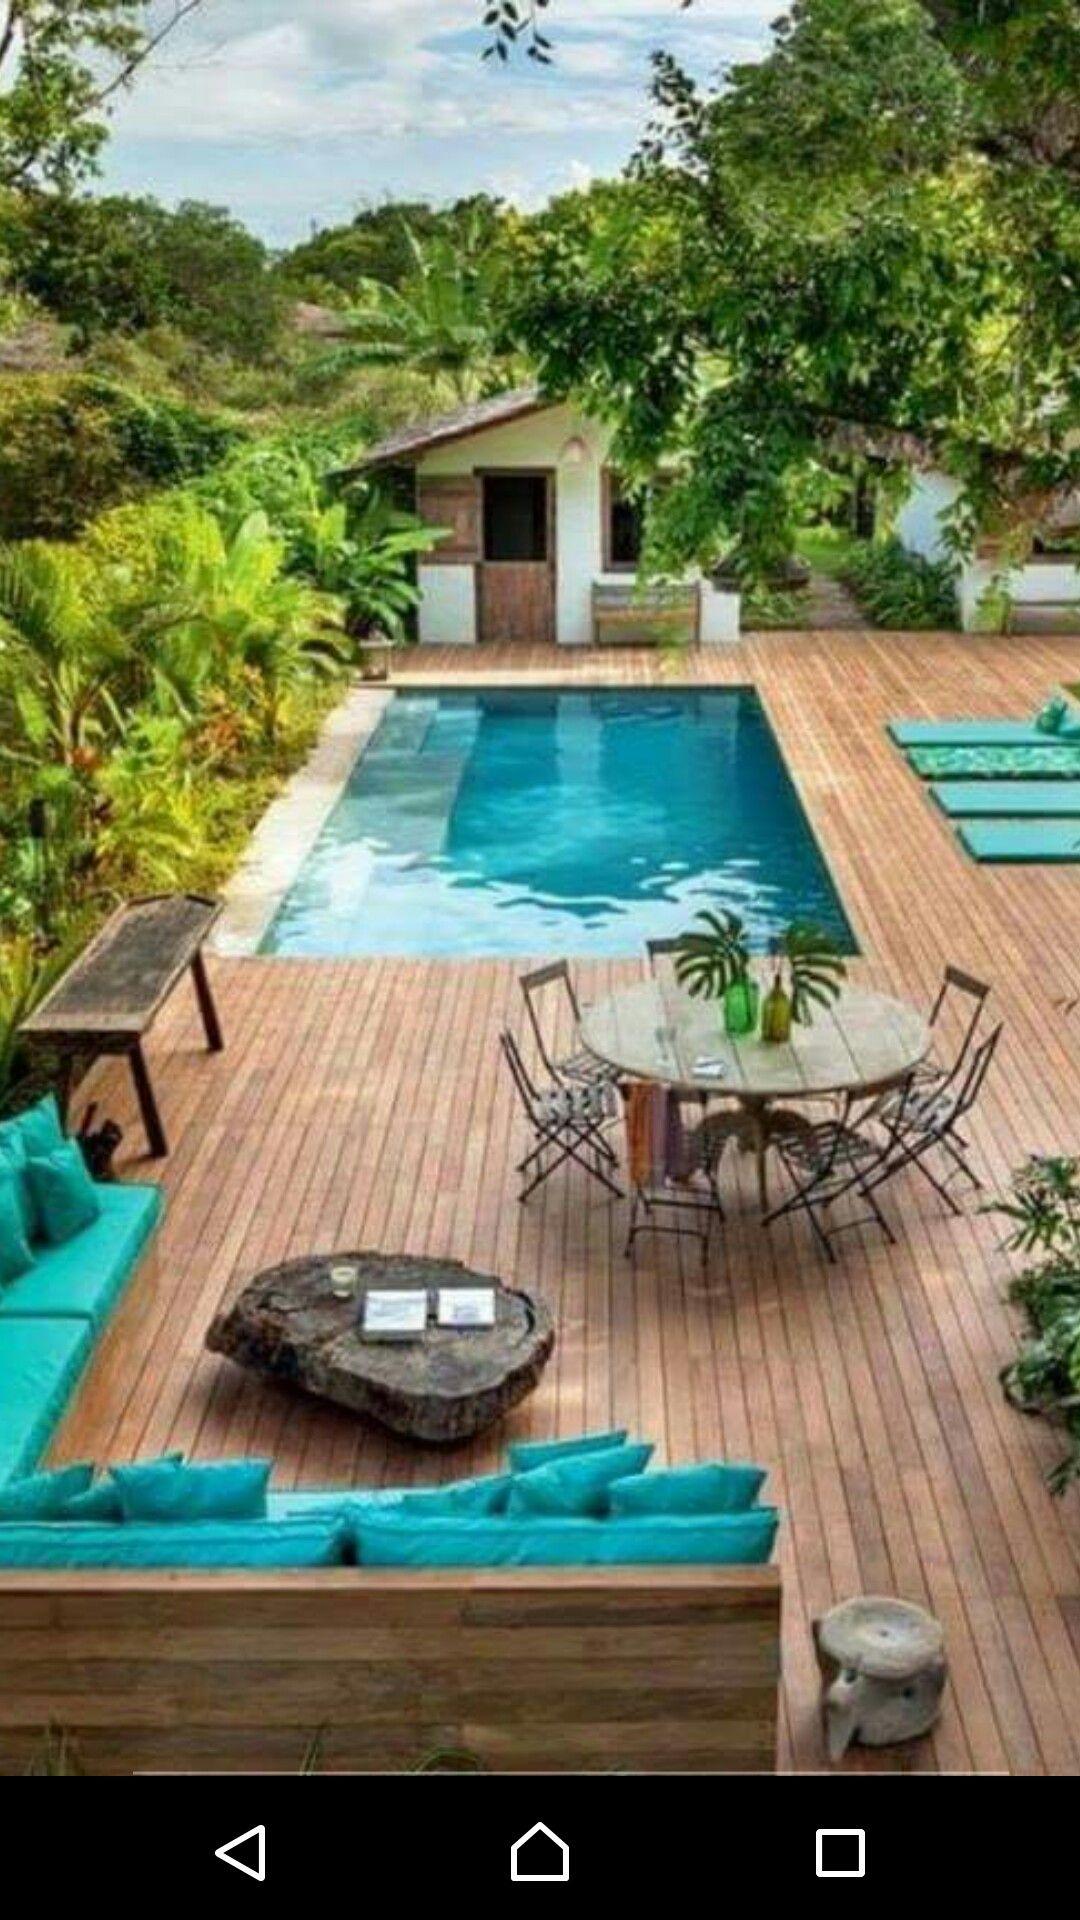 Pin By Carlos Oswaldo On Huerto Jardín Porches Terrazas Balcones Backyard Backyard Pool Outdoor Living